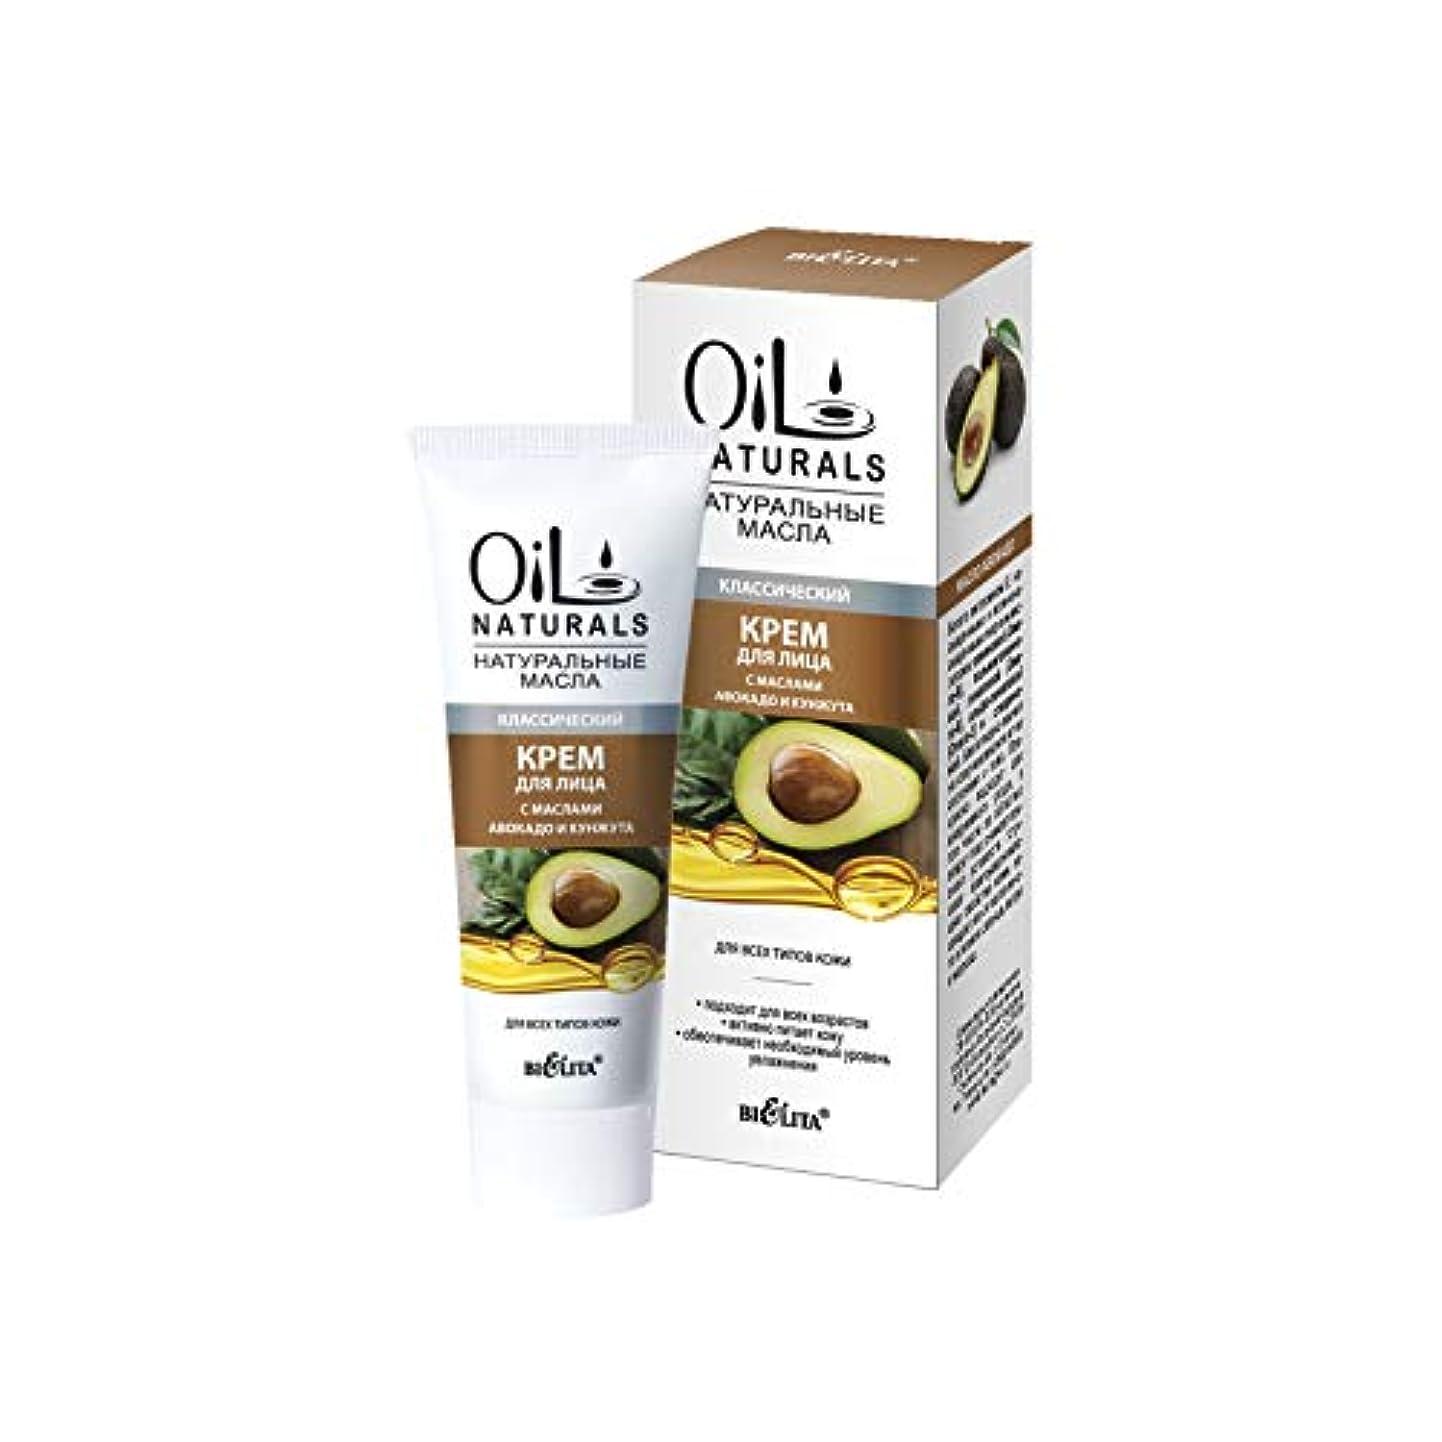 元に戻す発表する予定Bielita & Vitex |Oil Naturals Line | Classic Moisturizing Face Cream, for All Skin Types, 50 ml | Avocado Oil,...